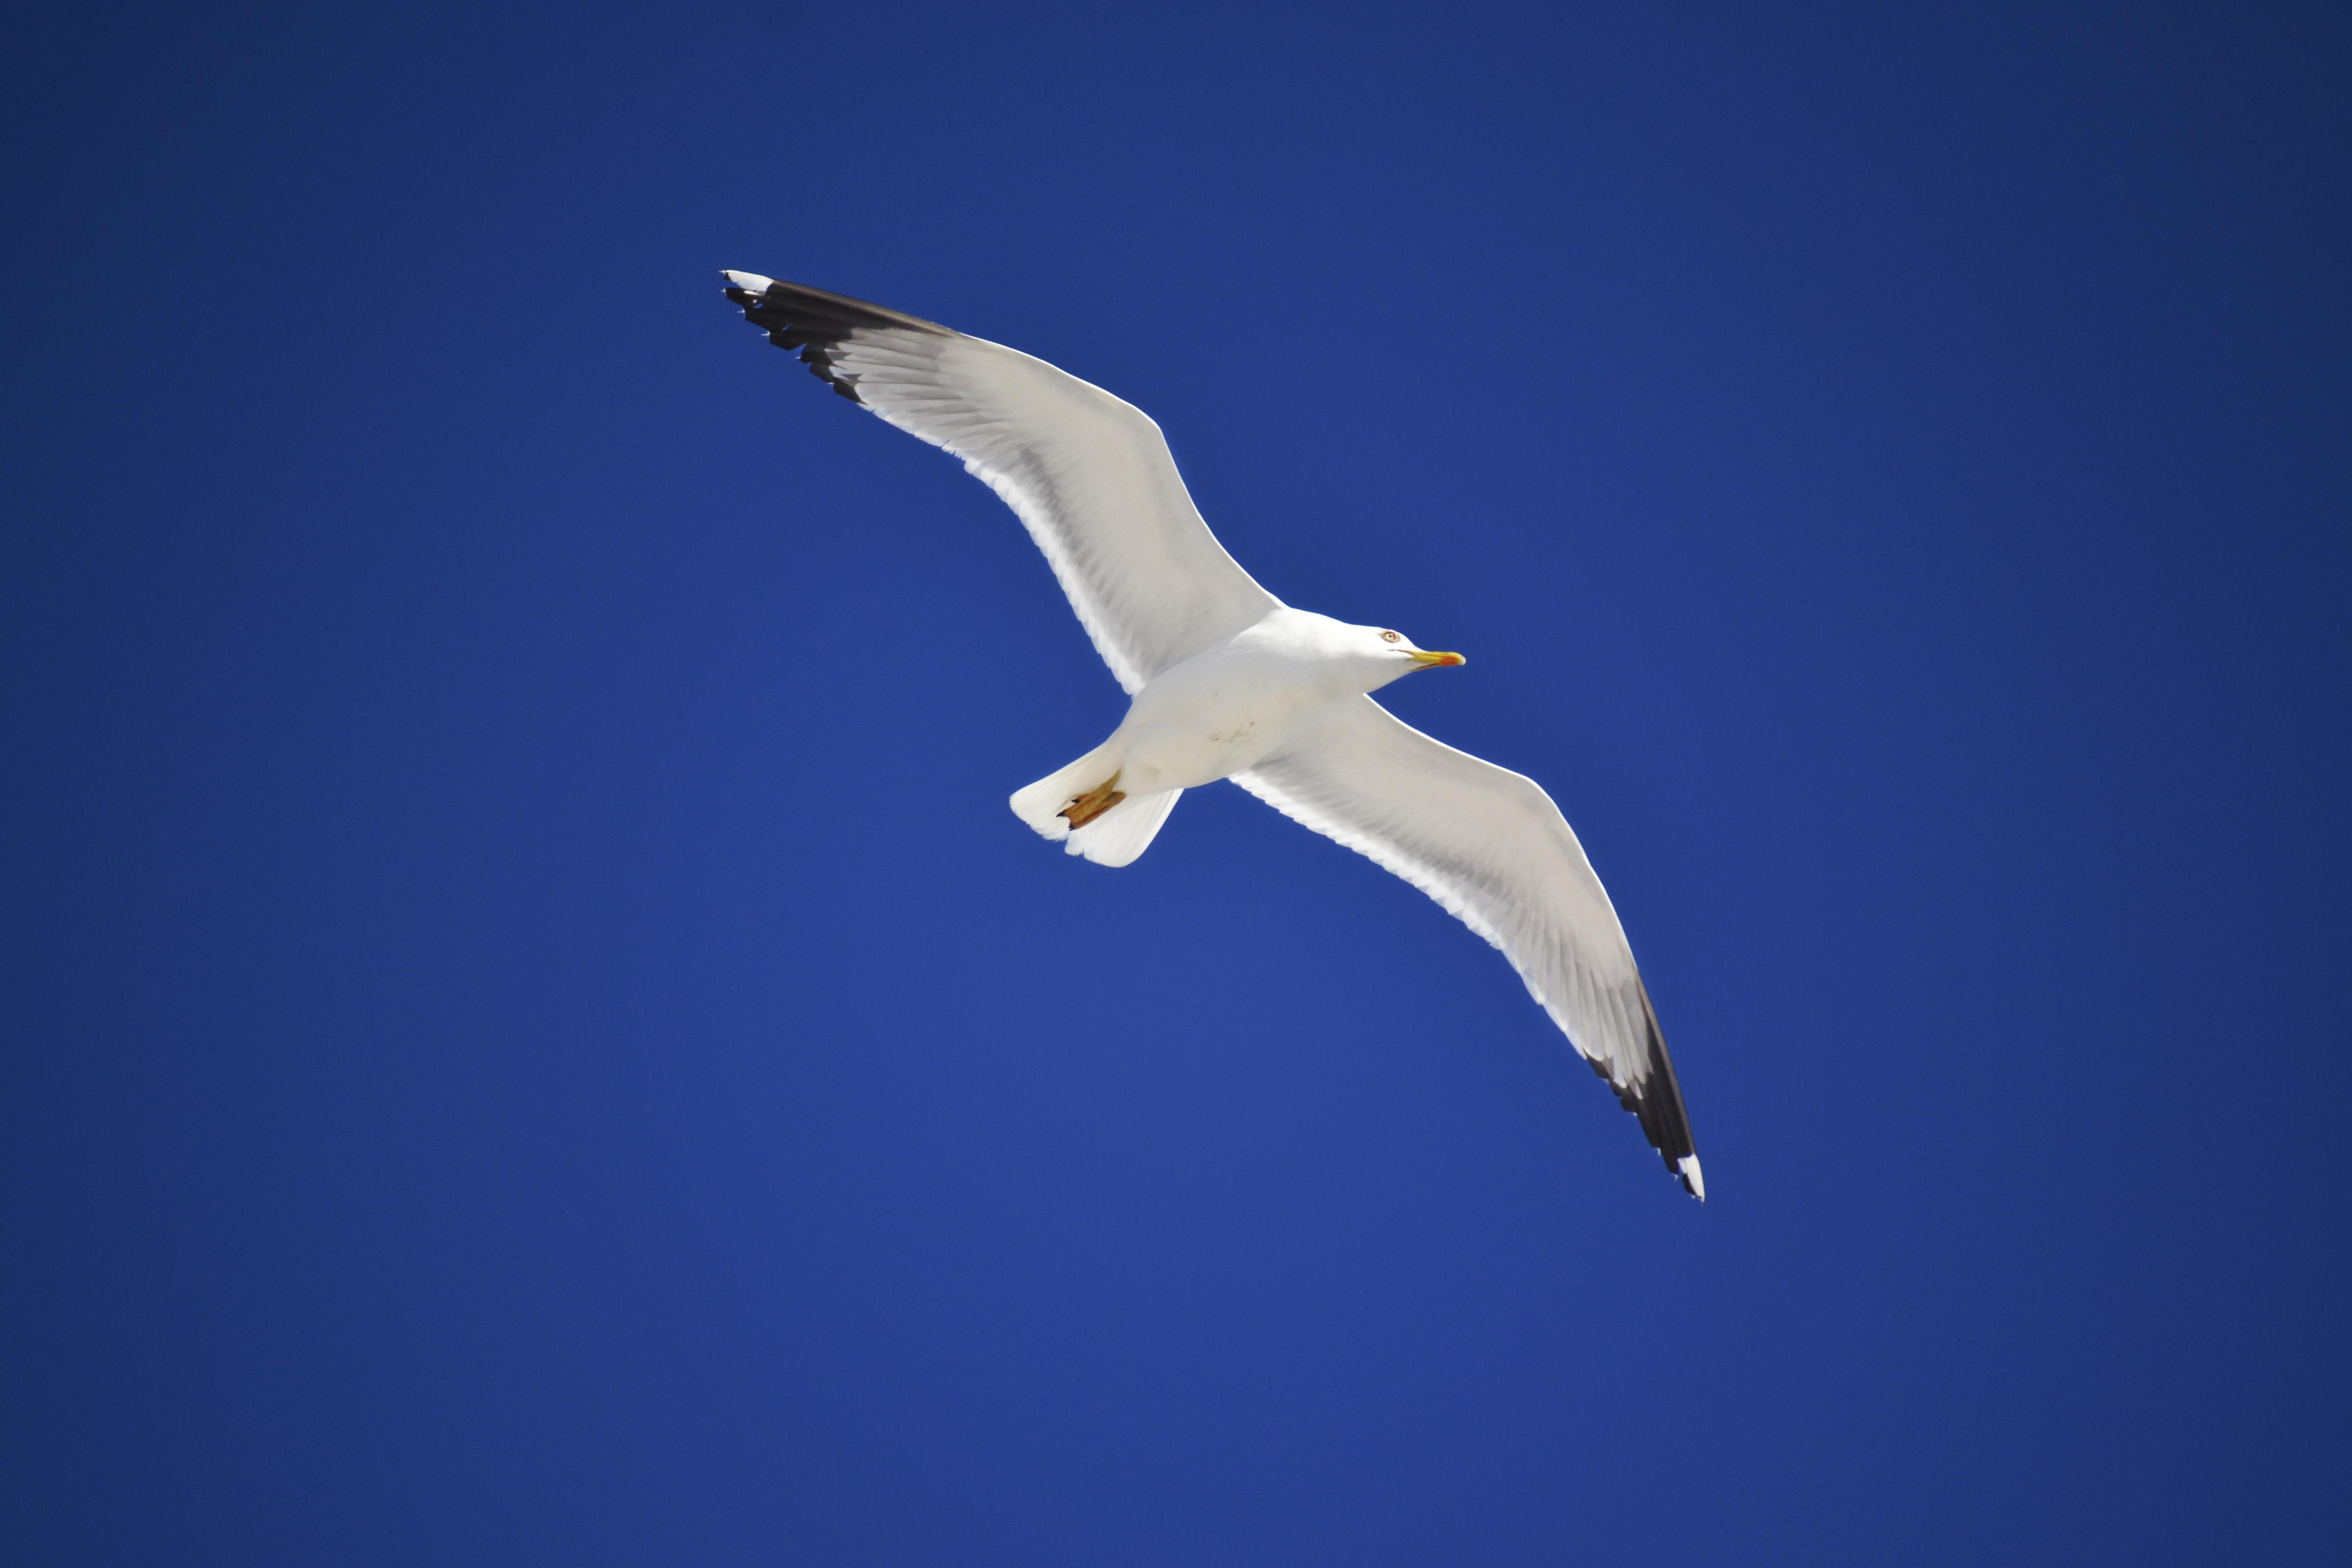 хочется картинки белая птица в небе нужно помнить, что